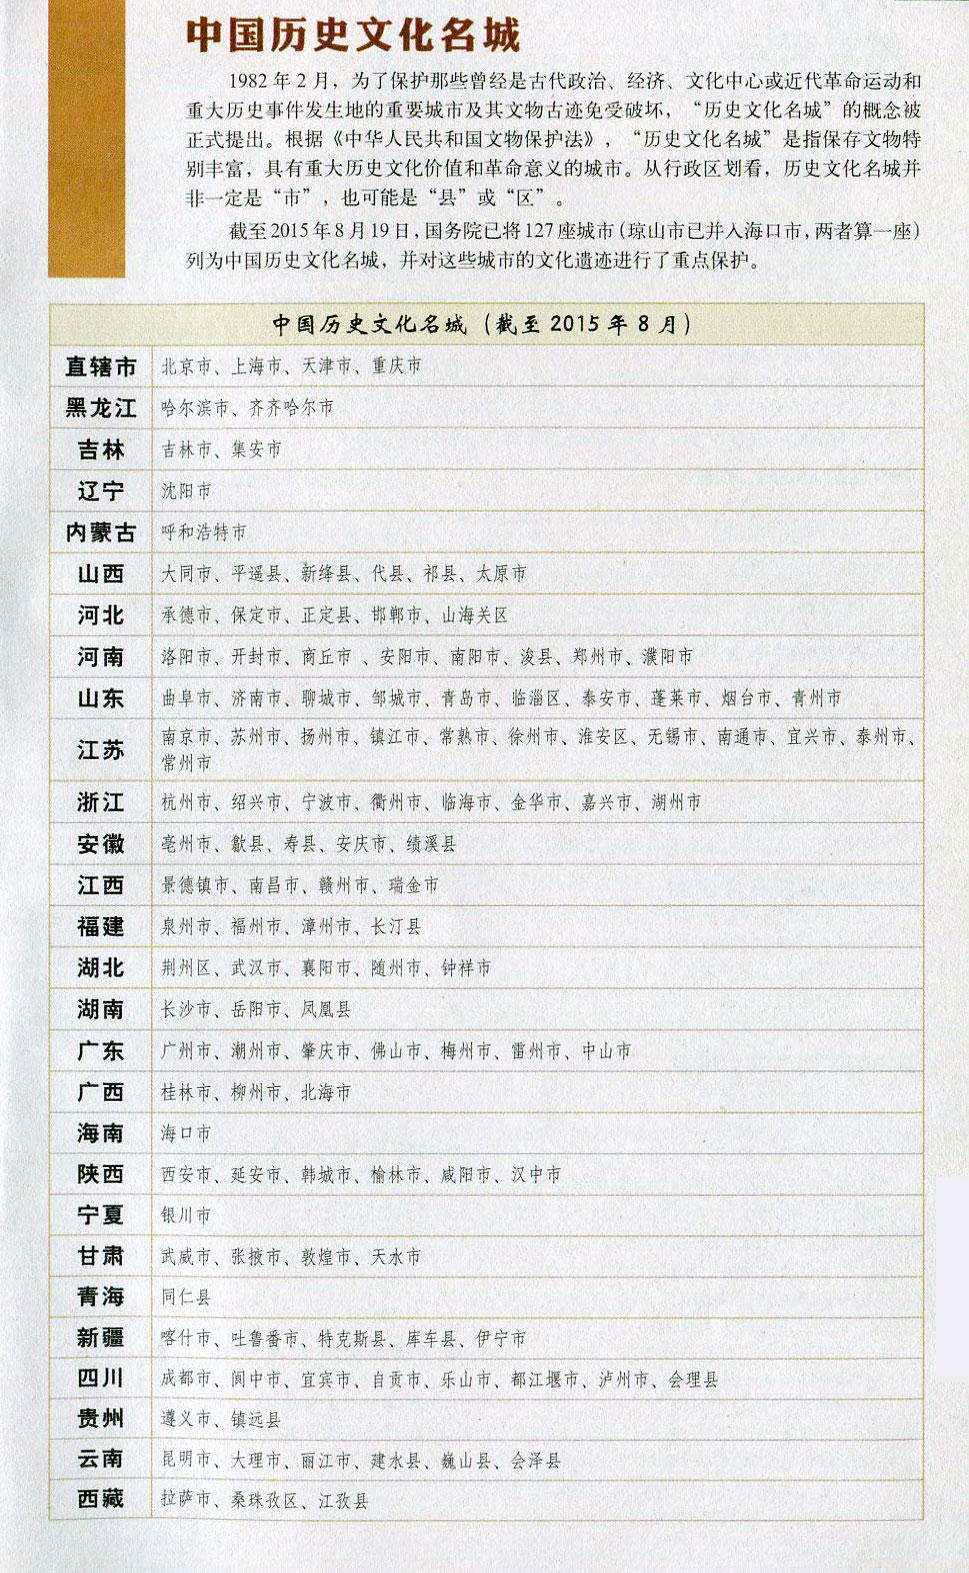 山东省地图全图大图_中国旅游地图全图高清版_地图窝